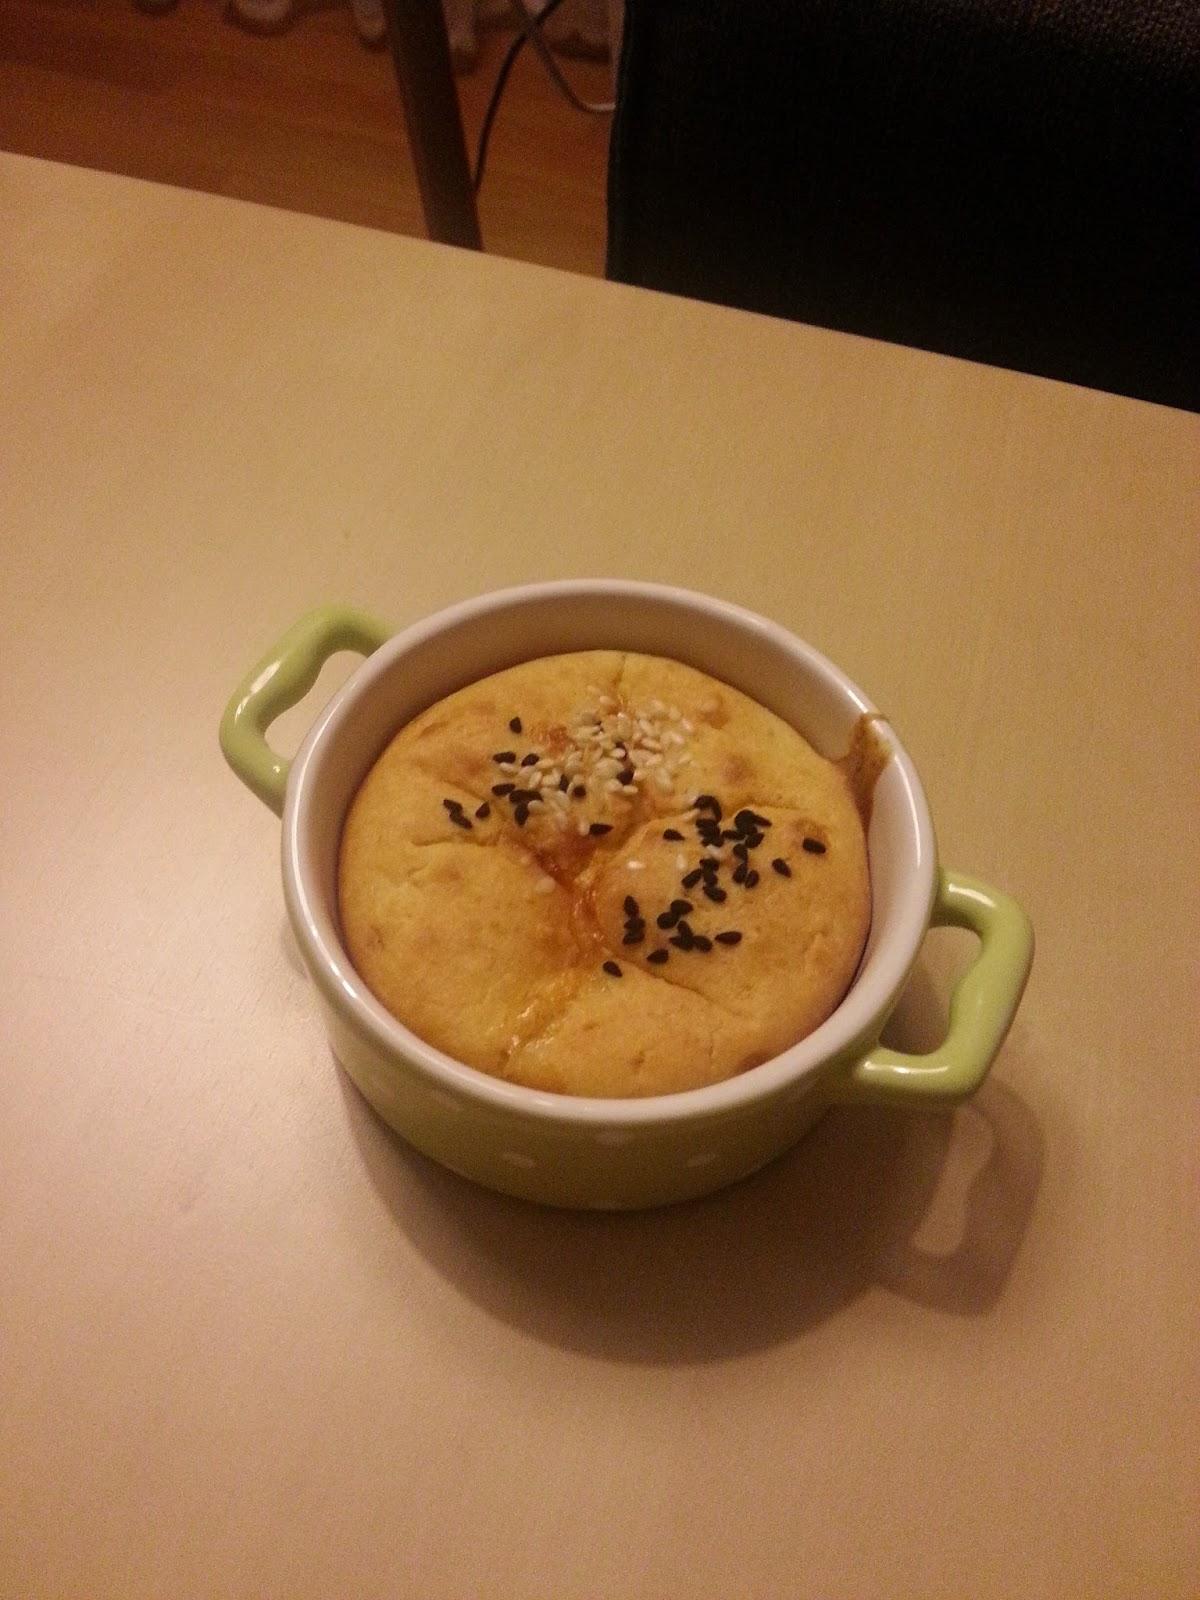 Yağsız Lorlu Biberli Çörek tarif